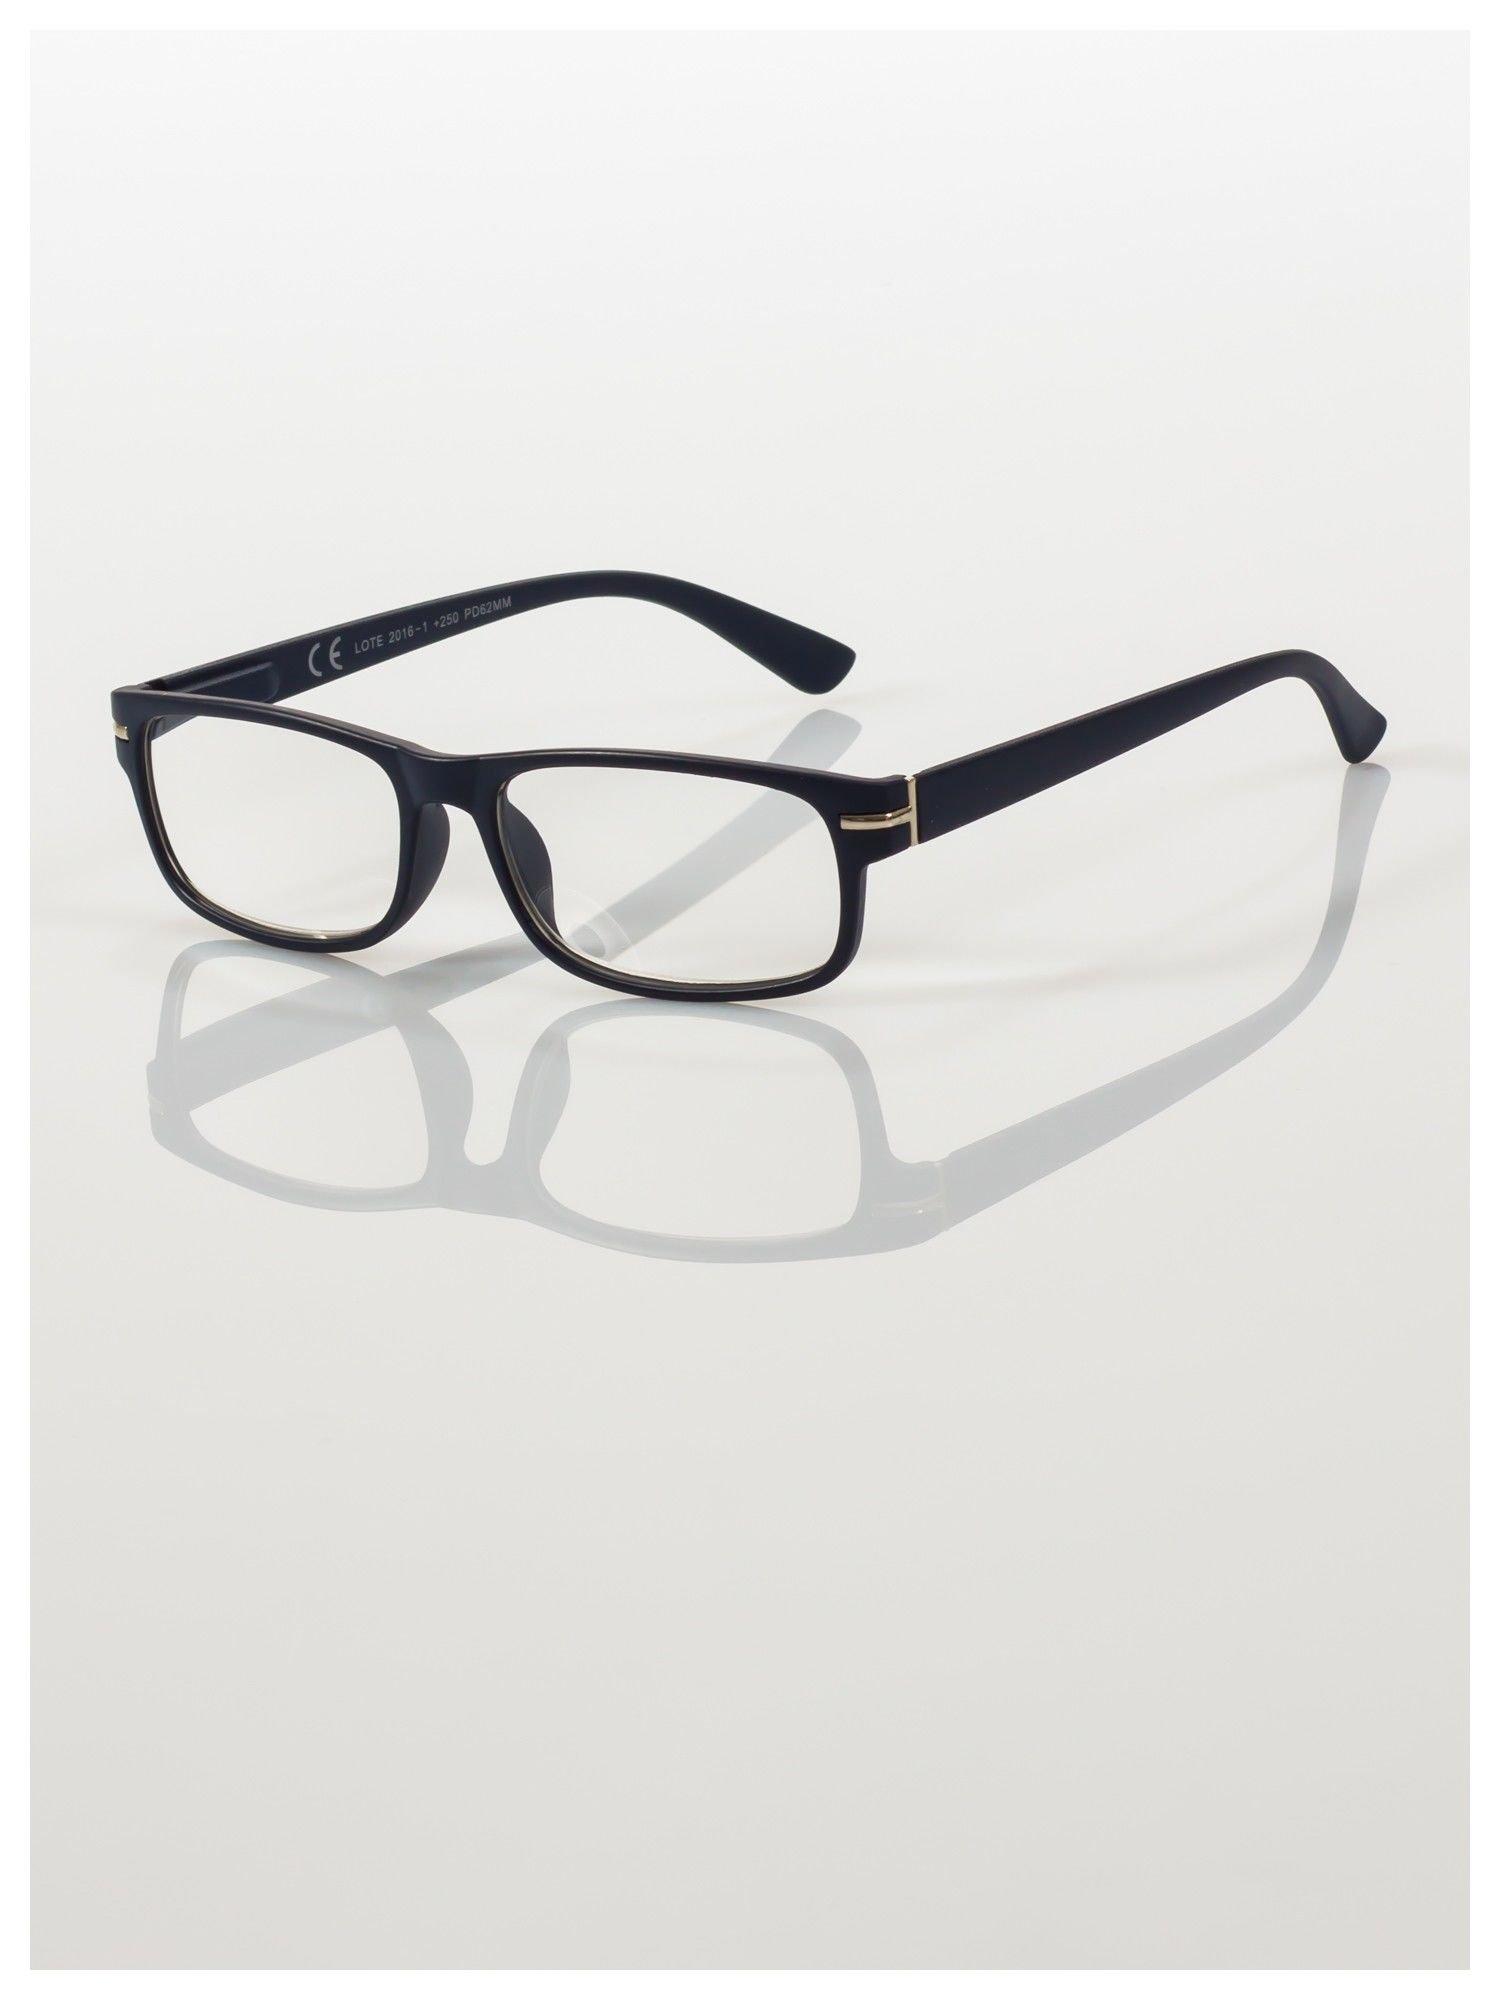 Eleganckie czarne matowe korekcyjne okulary do czytania +1.0 D  z sytemem FLEX na zausznikach                                  zdj.                                  1